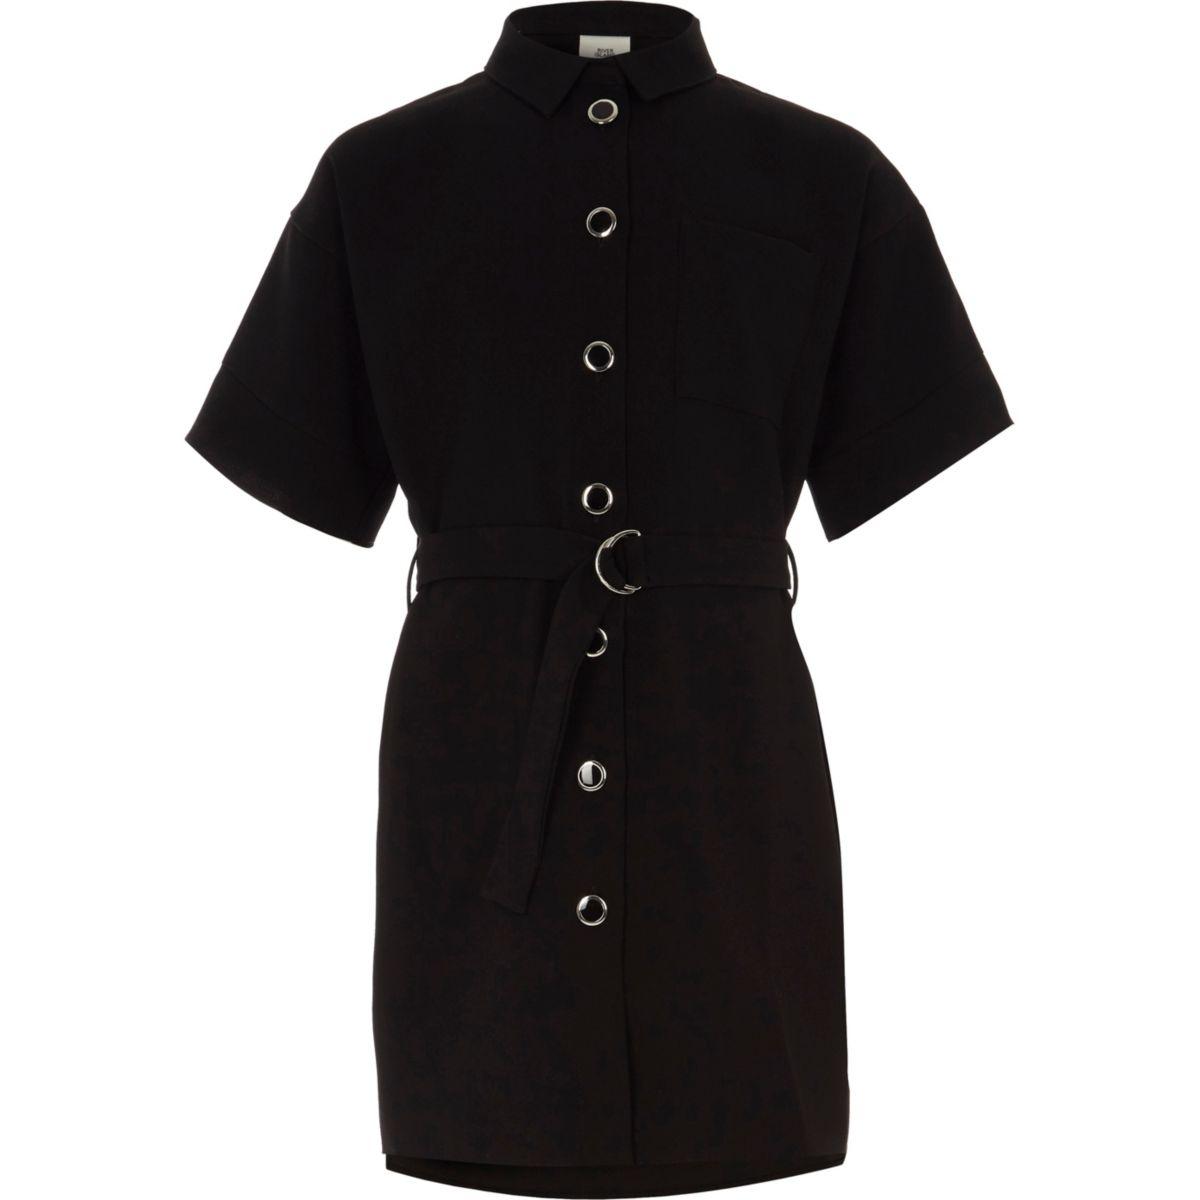 Robe chemise noire style militaire avec ceinture pour fille